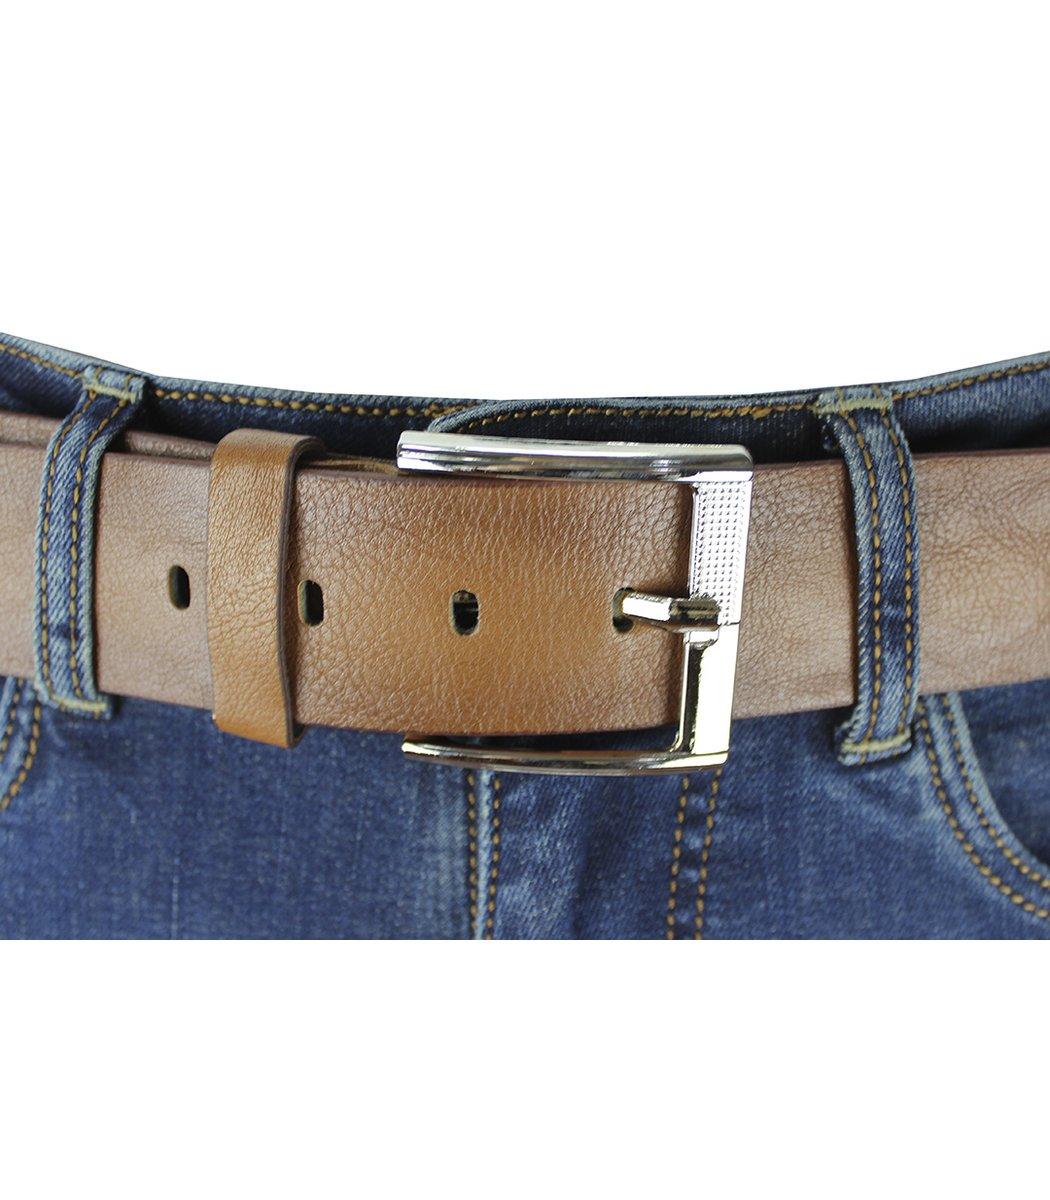 Cиние джинсы Hugo Boss 6814 + ремень